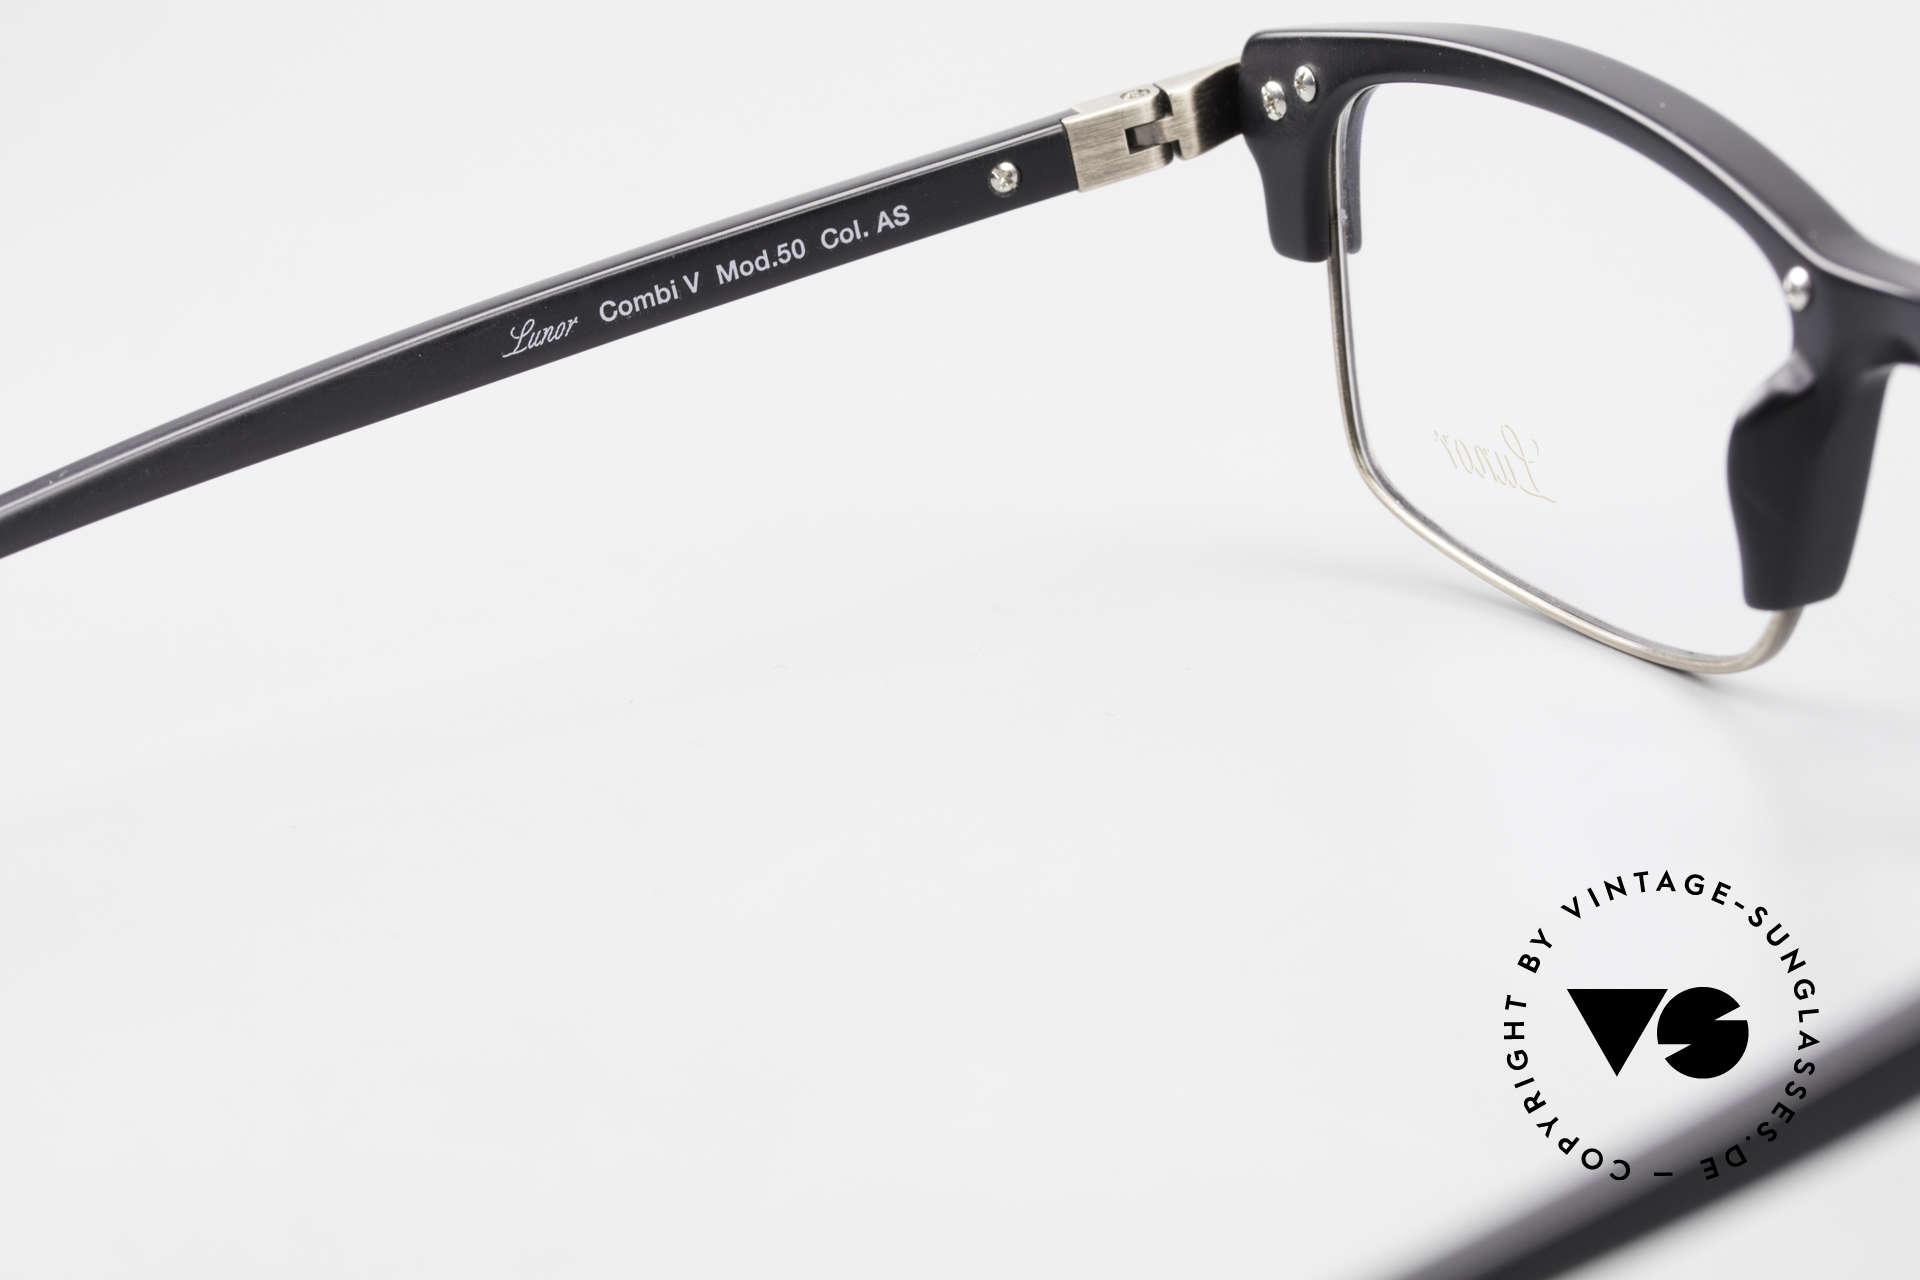 Lunor Combi V Mod 50 Designer Kombibrille Titanium, Fassung in Größe 52/18 kann beliebig verglast werden, Passend für Herren und Damen